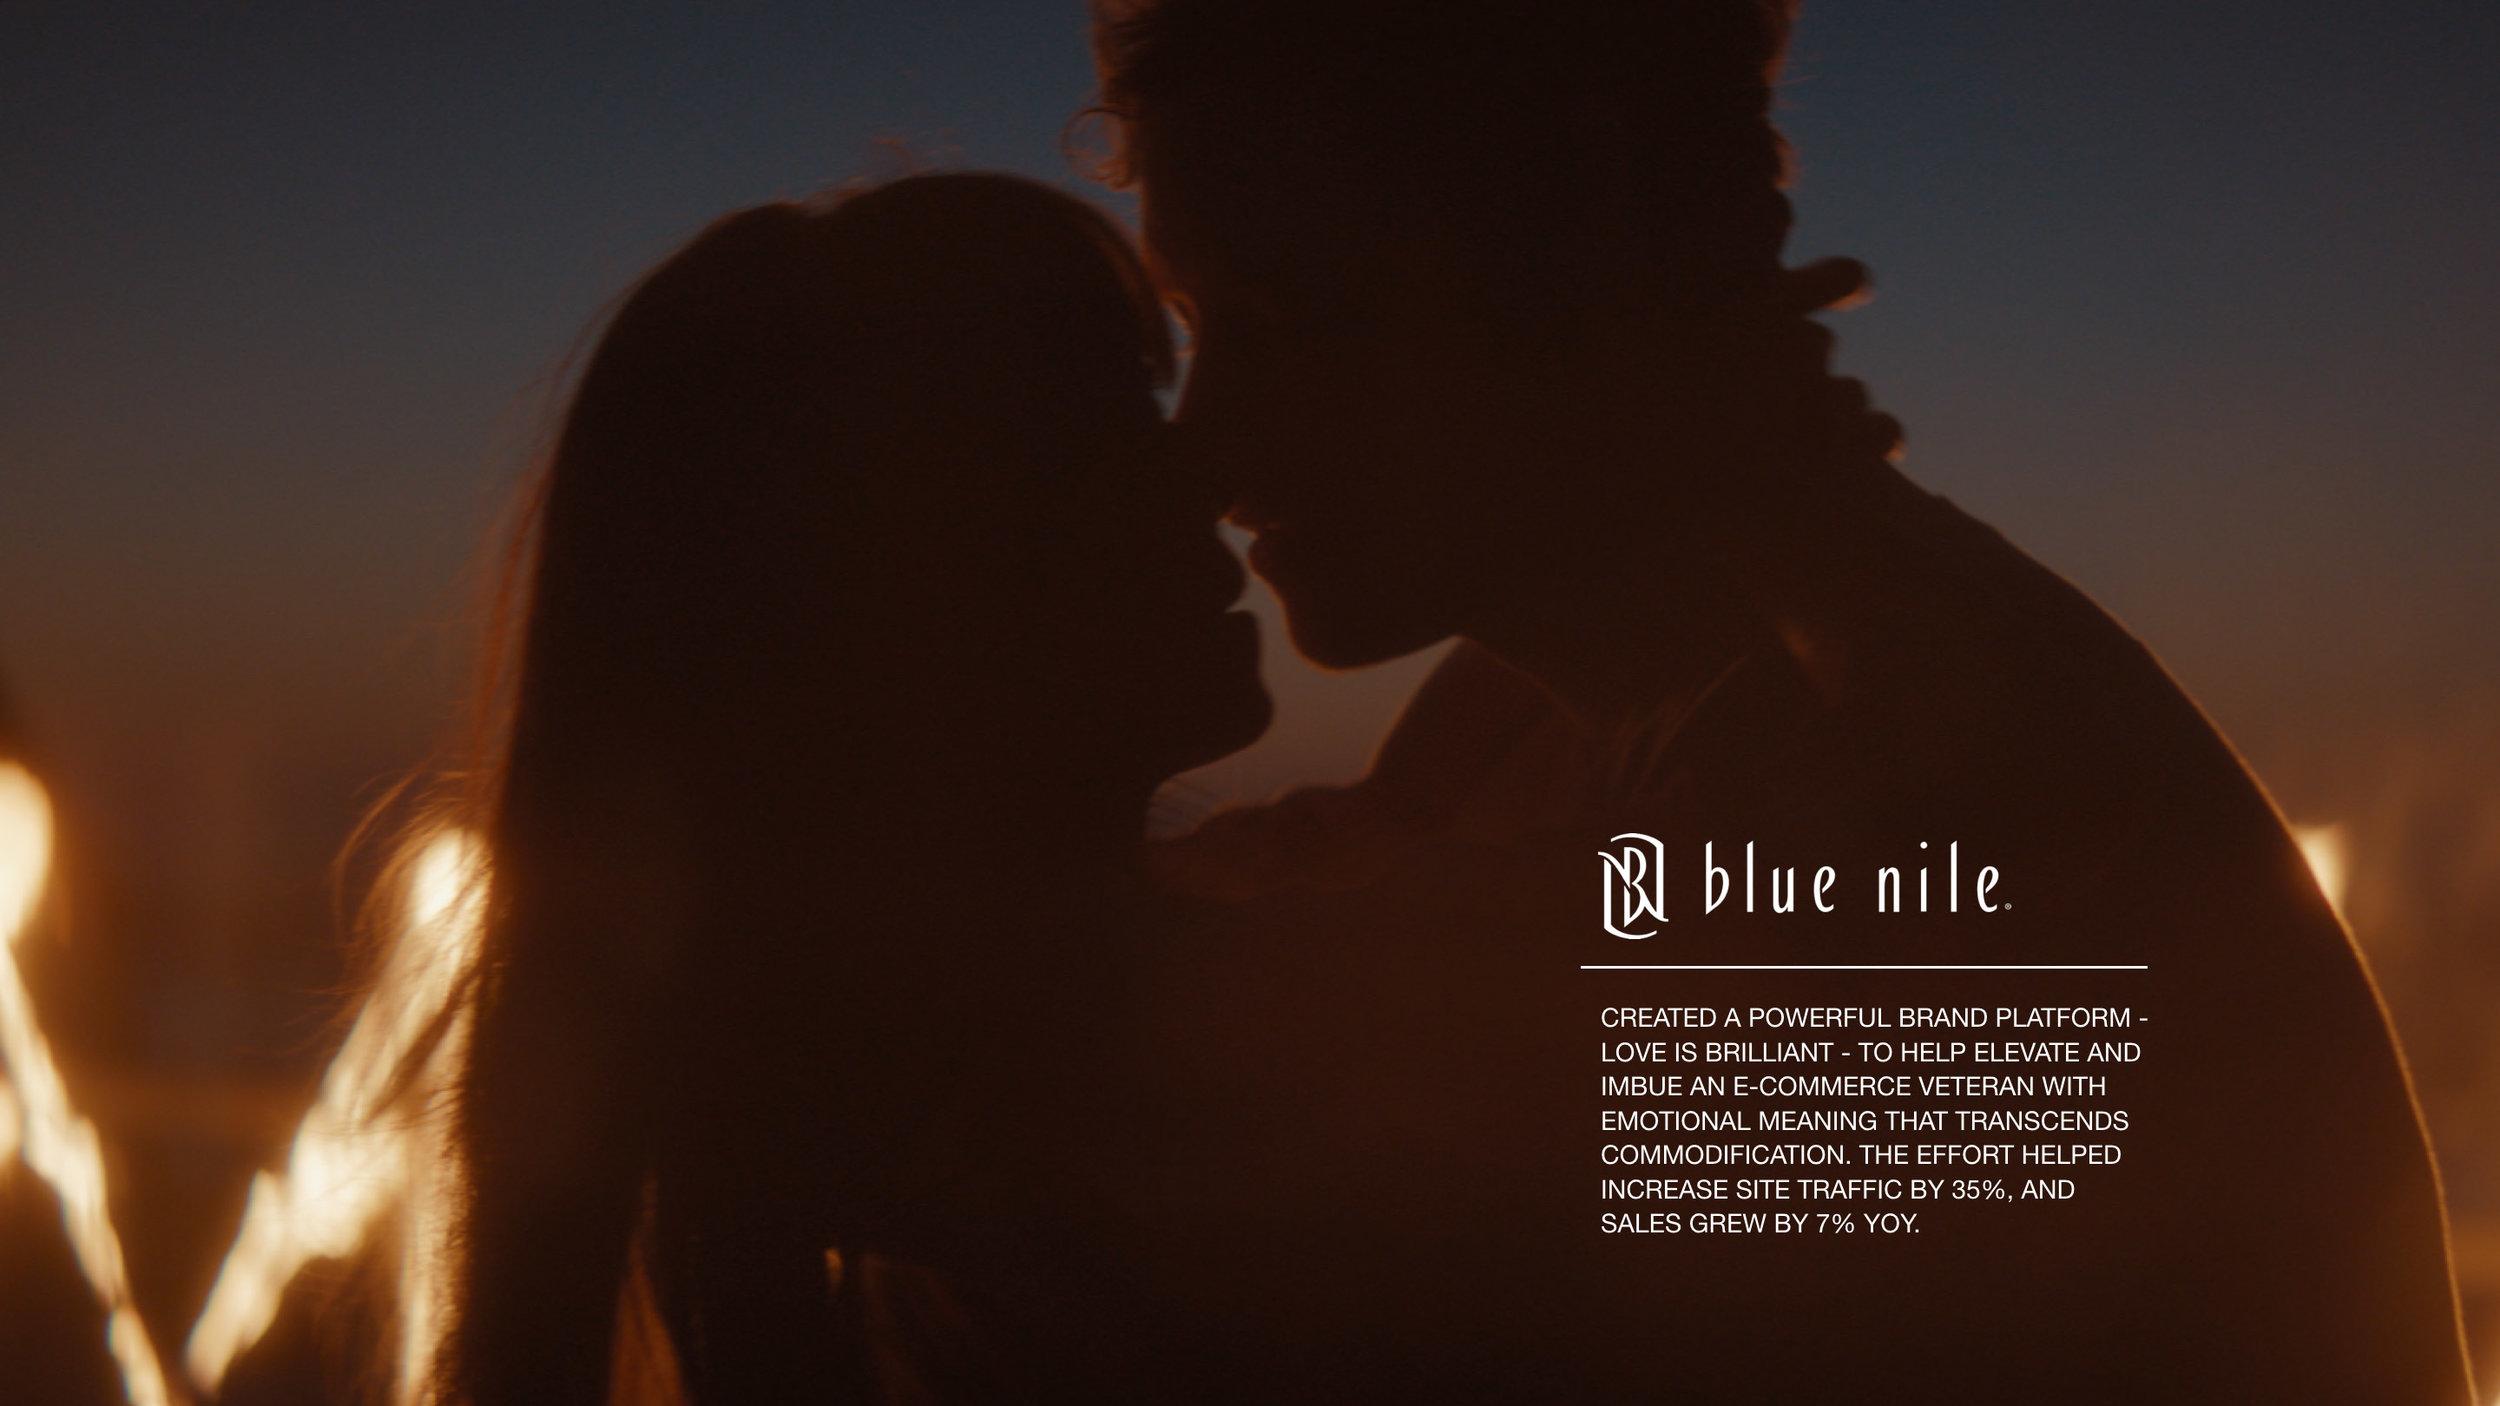 6.bluenile.jpg